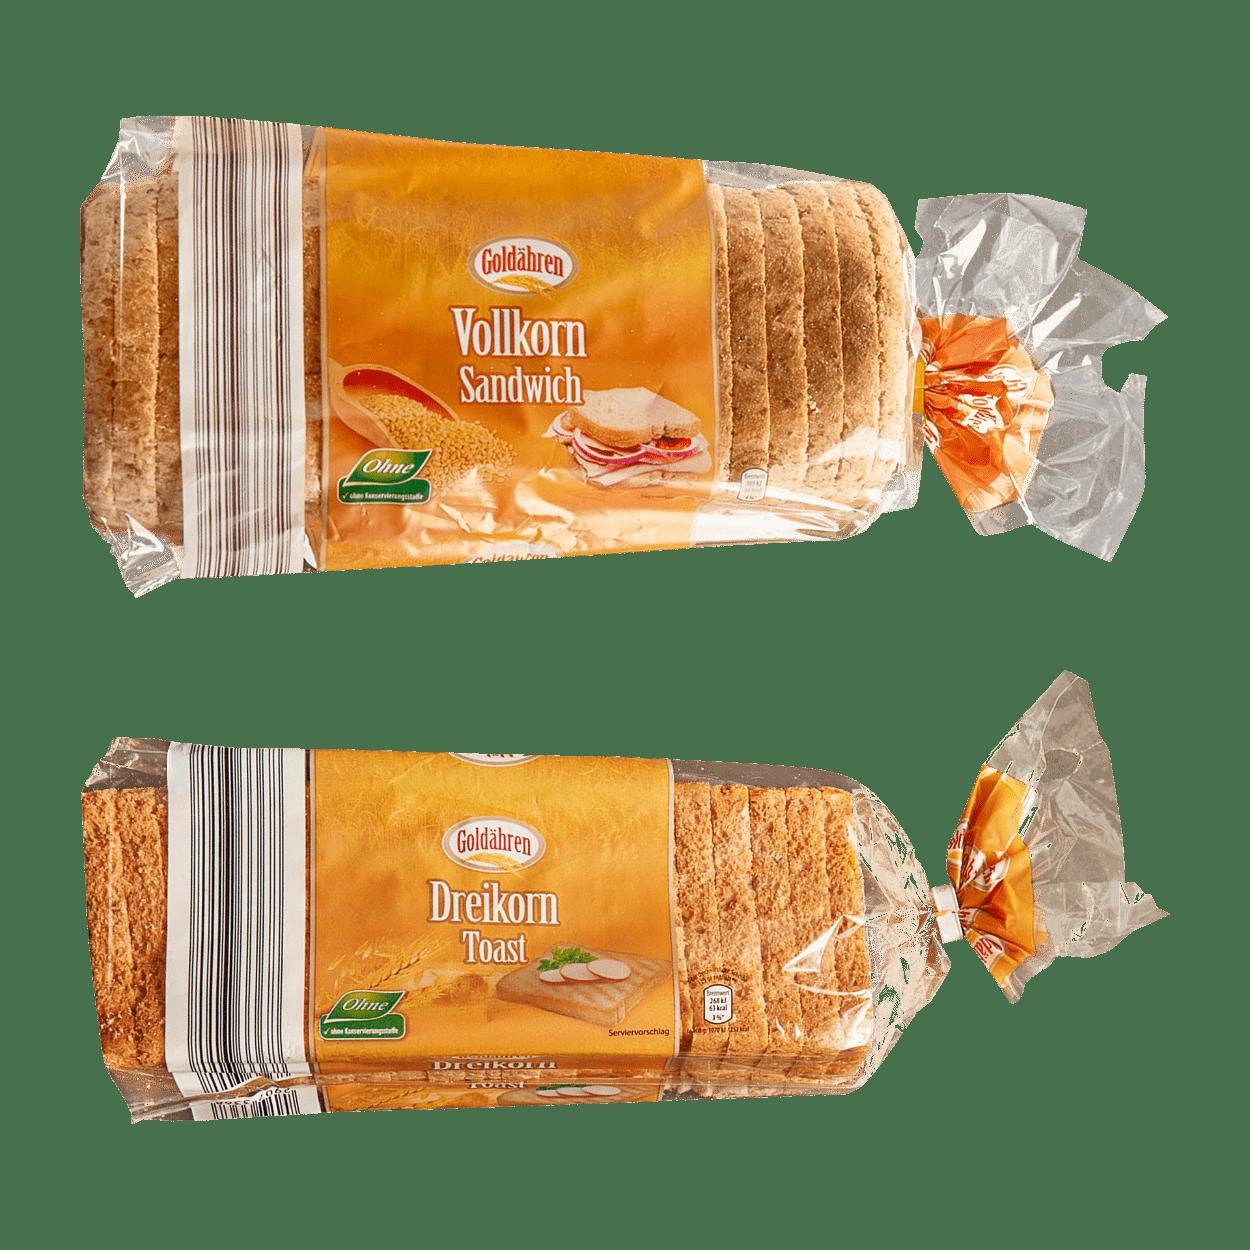 Goldähren Dreikorntoast 500g Goldähren Vollkornsandwich 750g